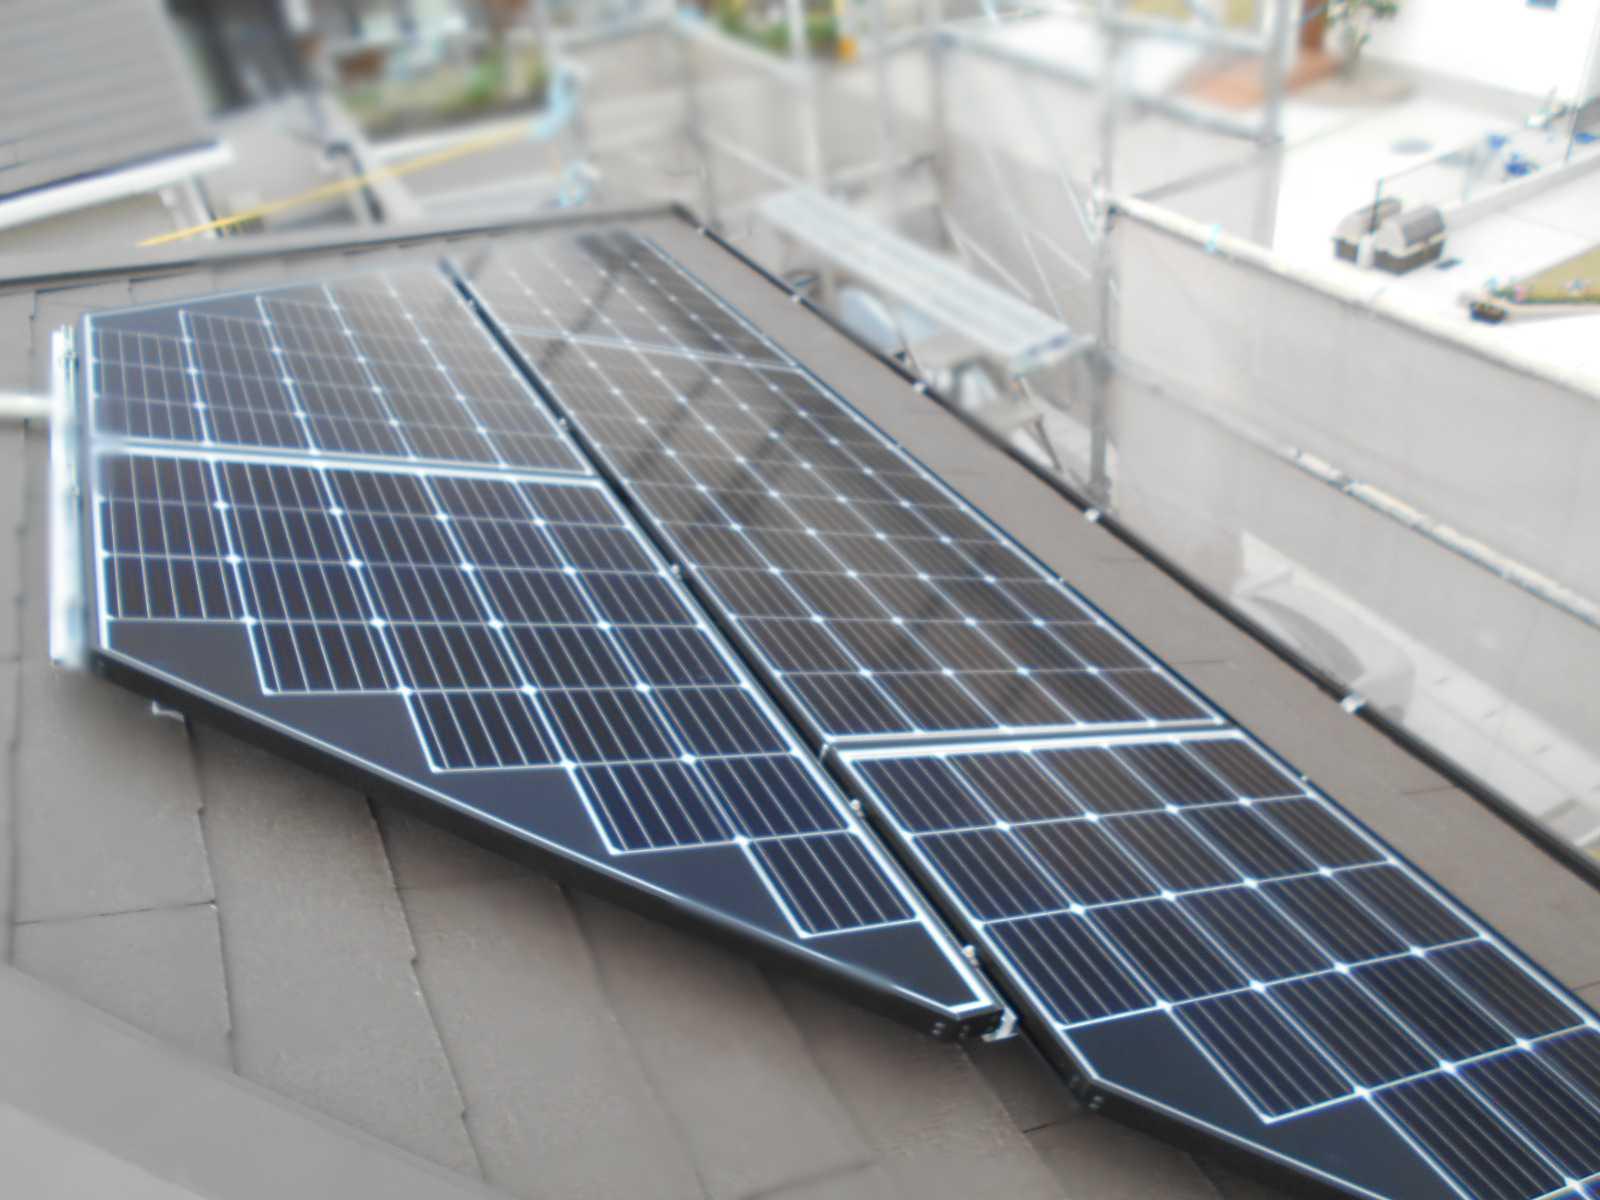 福岡県飯塚市K様邸にて、太陽光発電システムを設置しました!